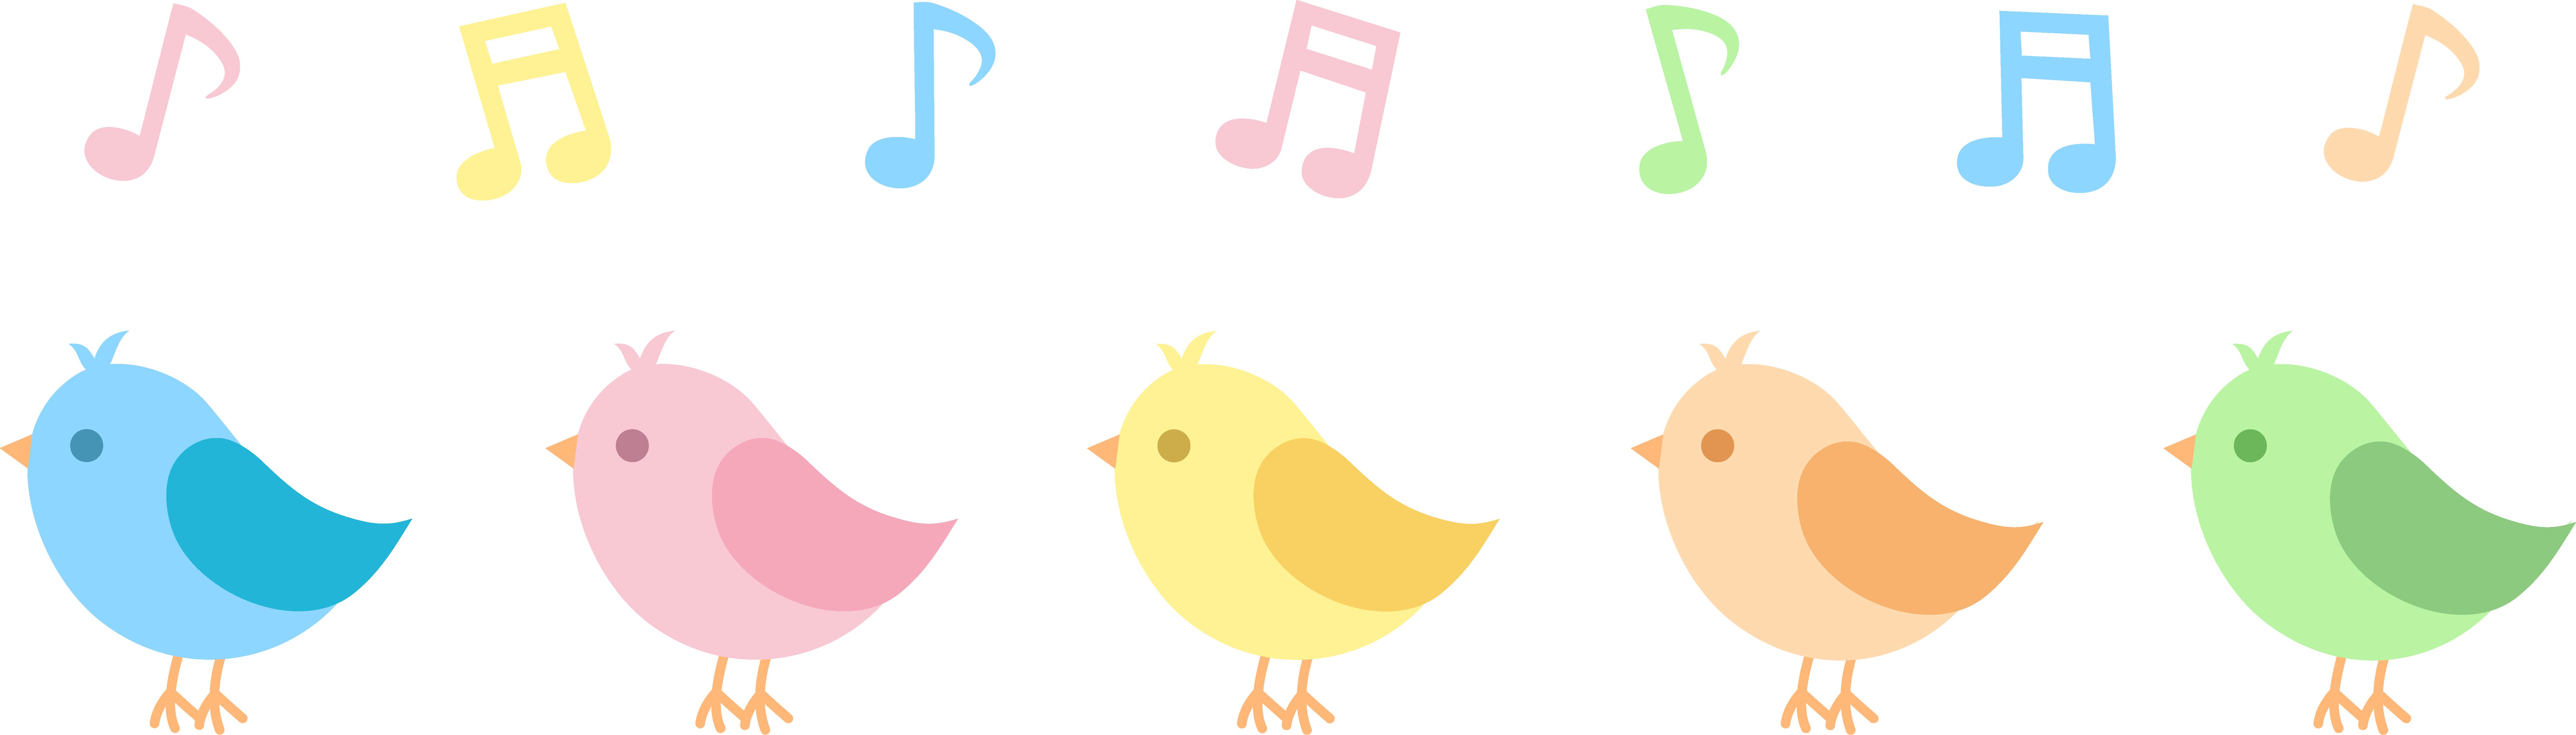 Five Little Song Birds.